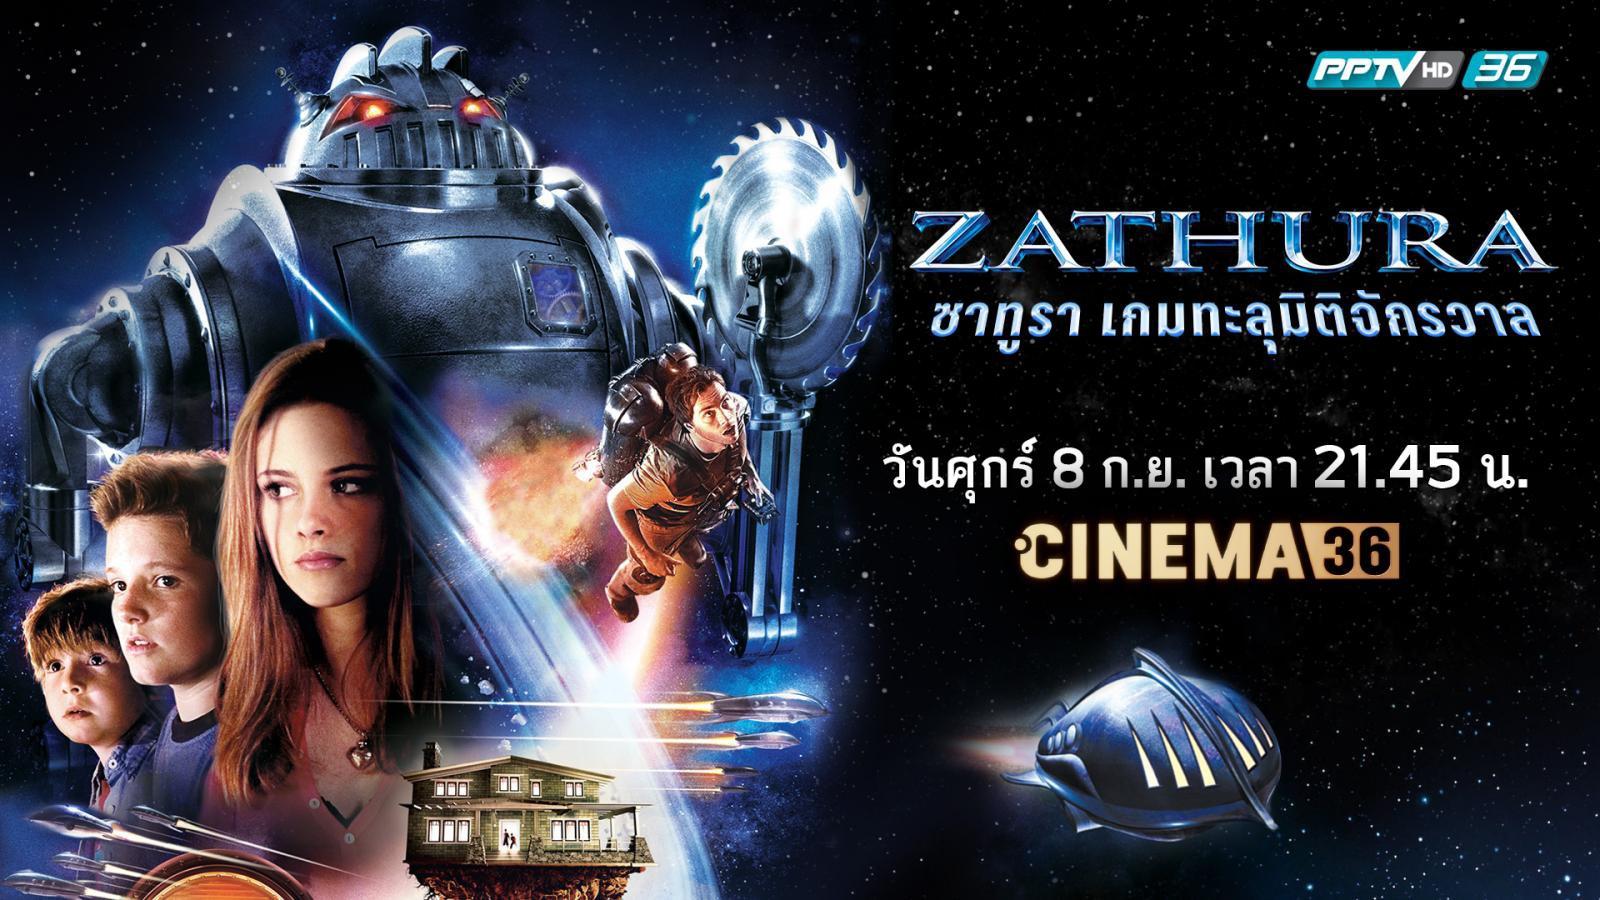 Zathura: A Space Adventure ซาทูรา เกมทะลุมิติจักรวาล